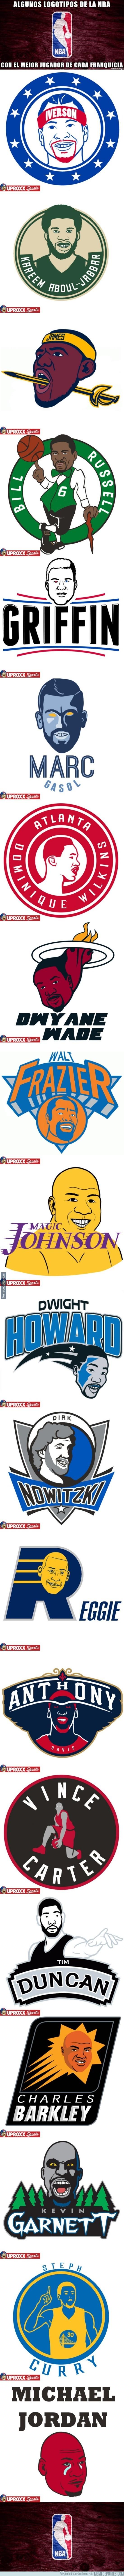 866341 - Logotipos de la NBA con el mejor jugador de cada franquicia, según Uproxx